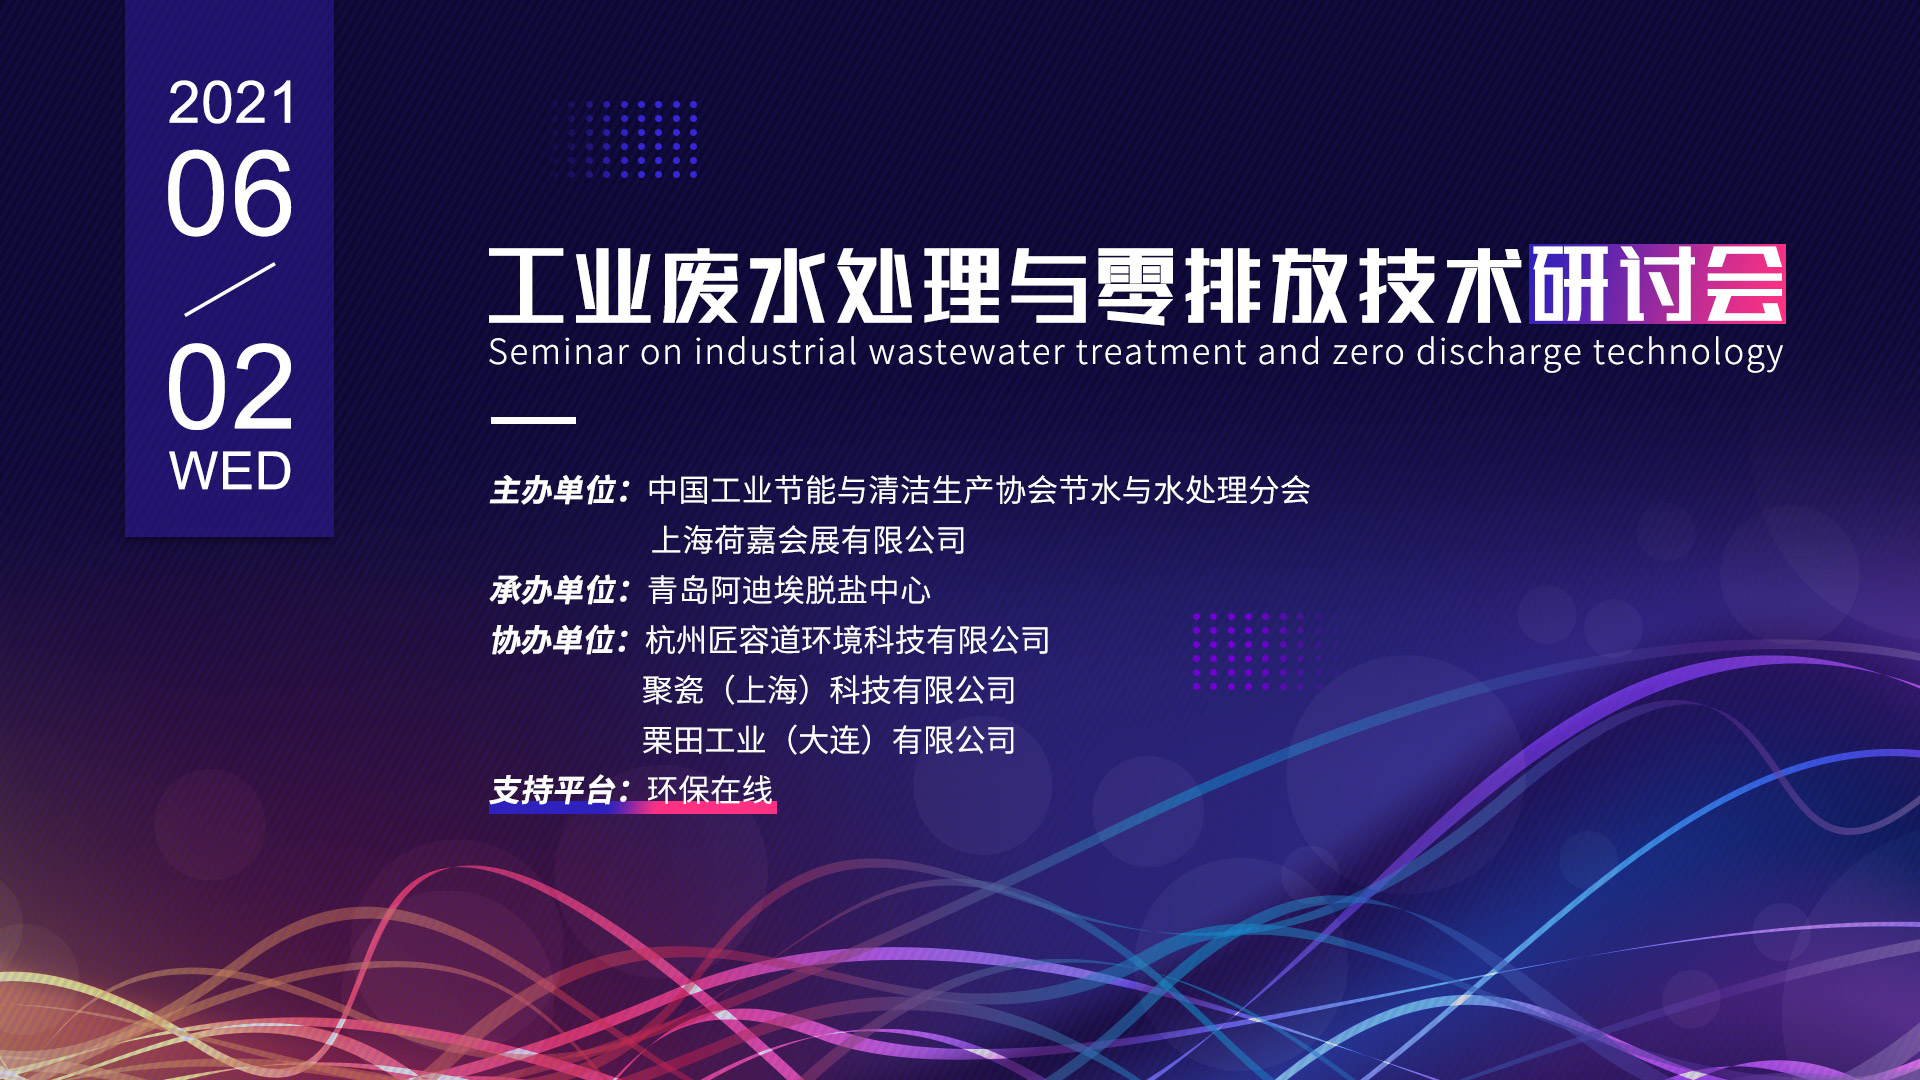 上海水展同期论坛直播 |工业废水处理与零排放+垃圾渗滤液研讨会